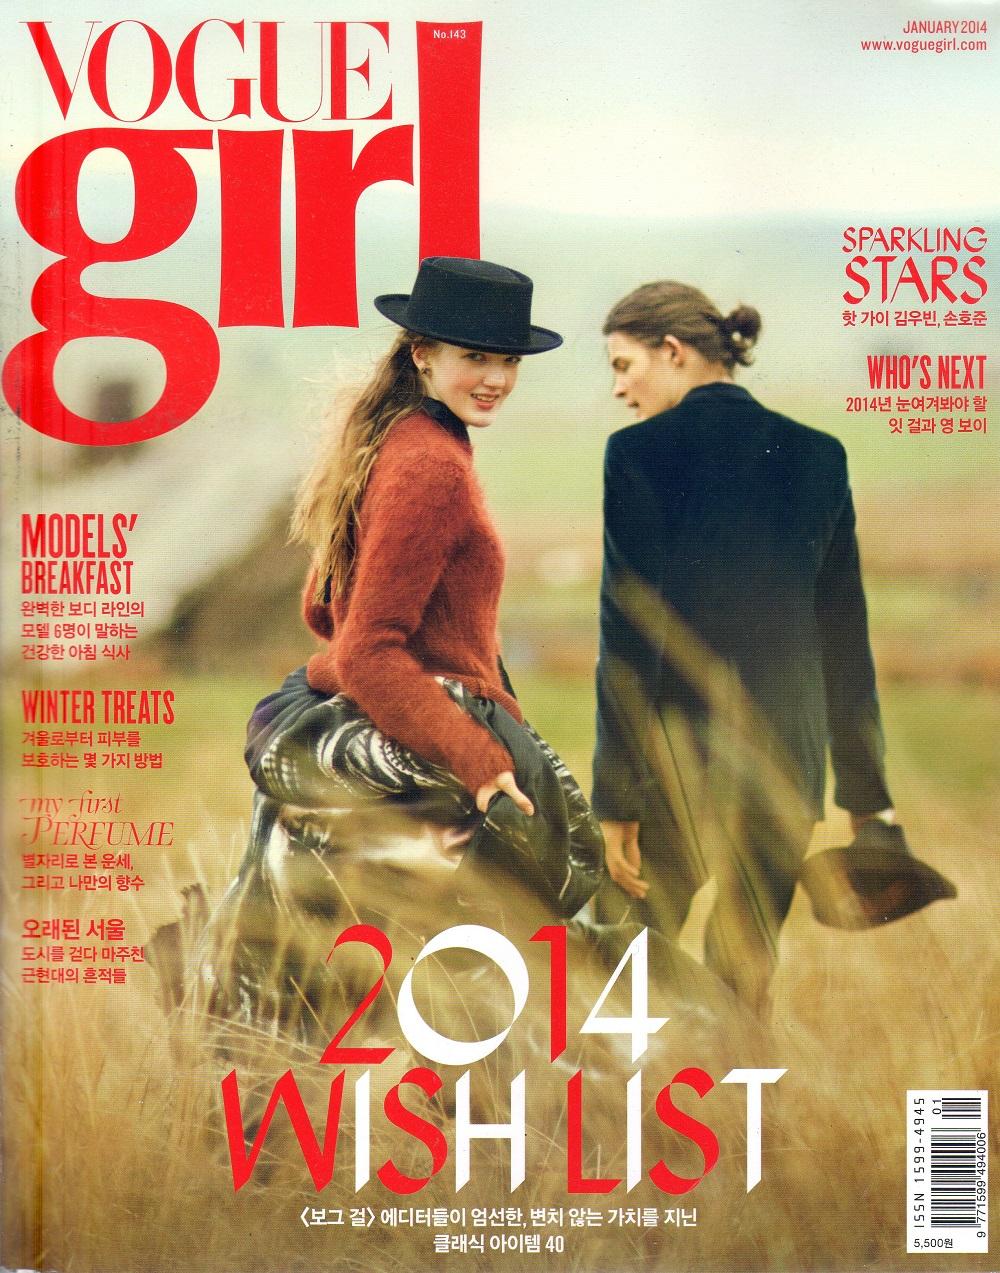 Vogue Girl Jan 14